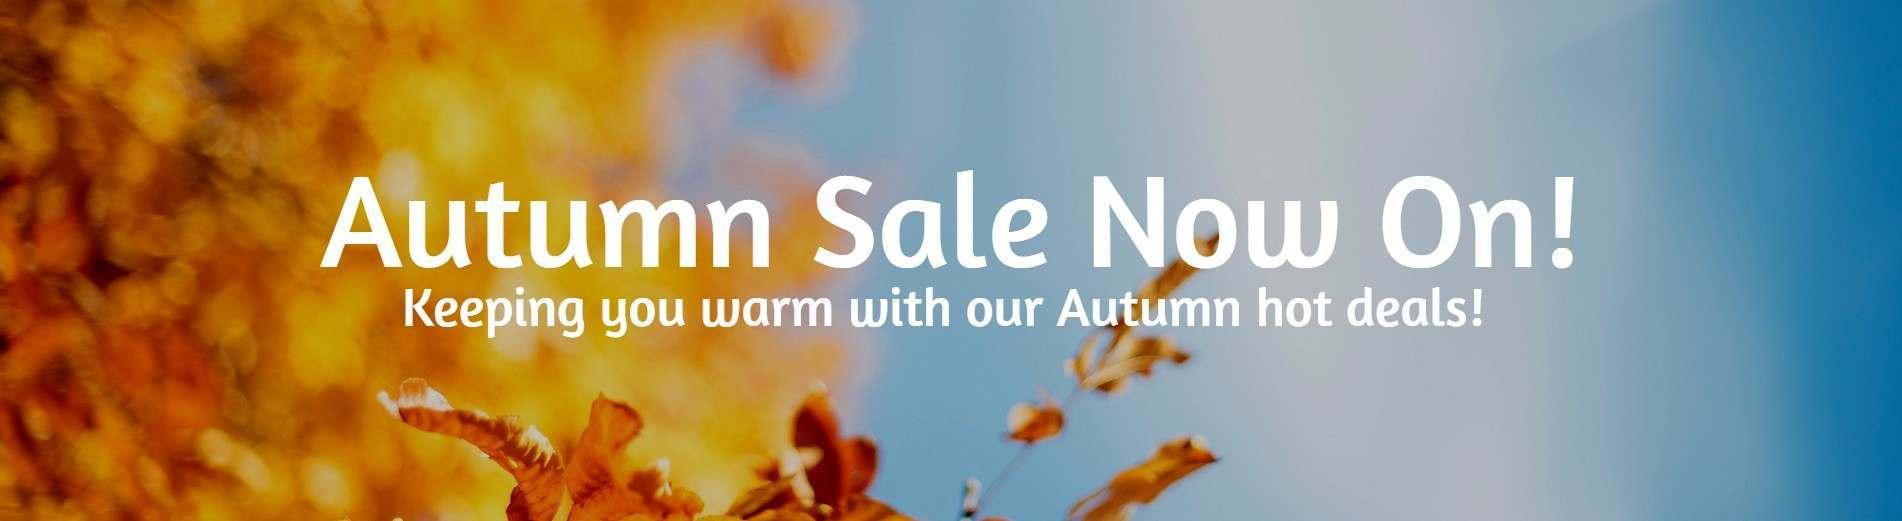 autumnsale